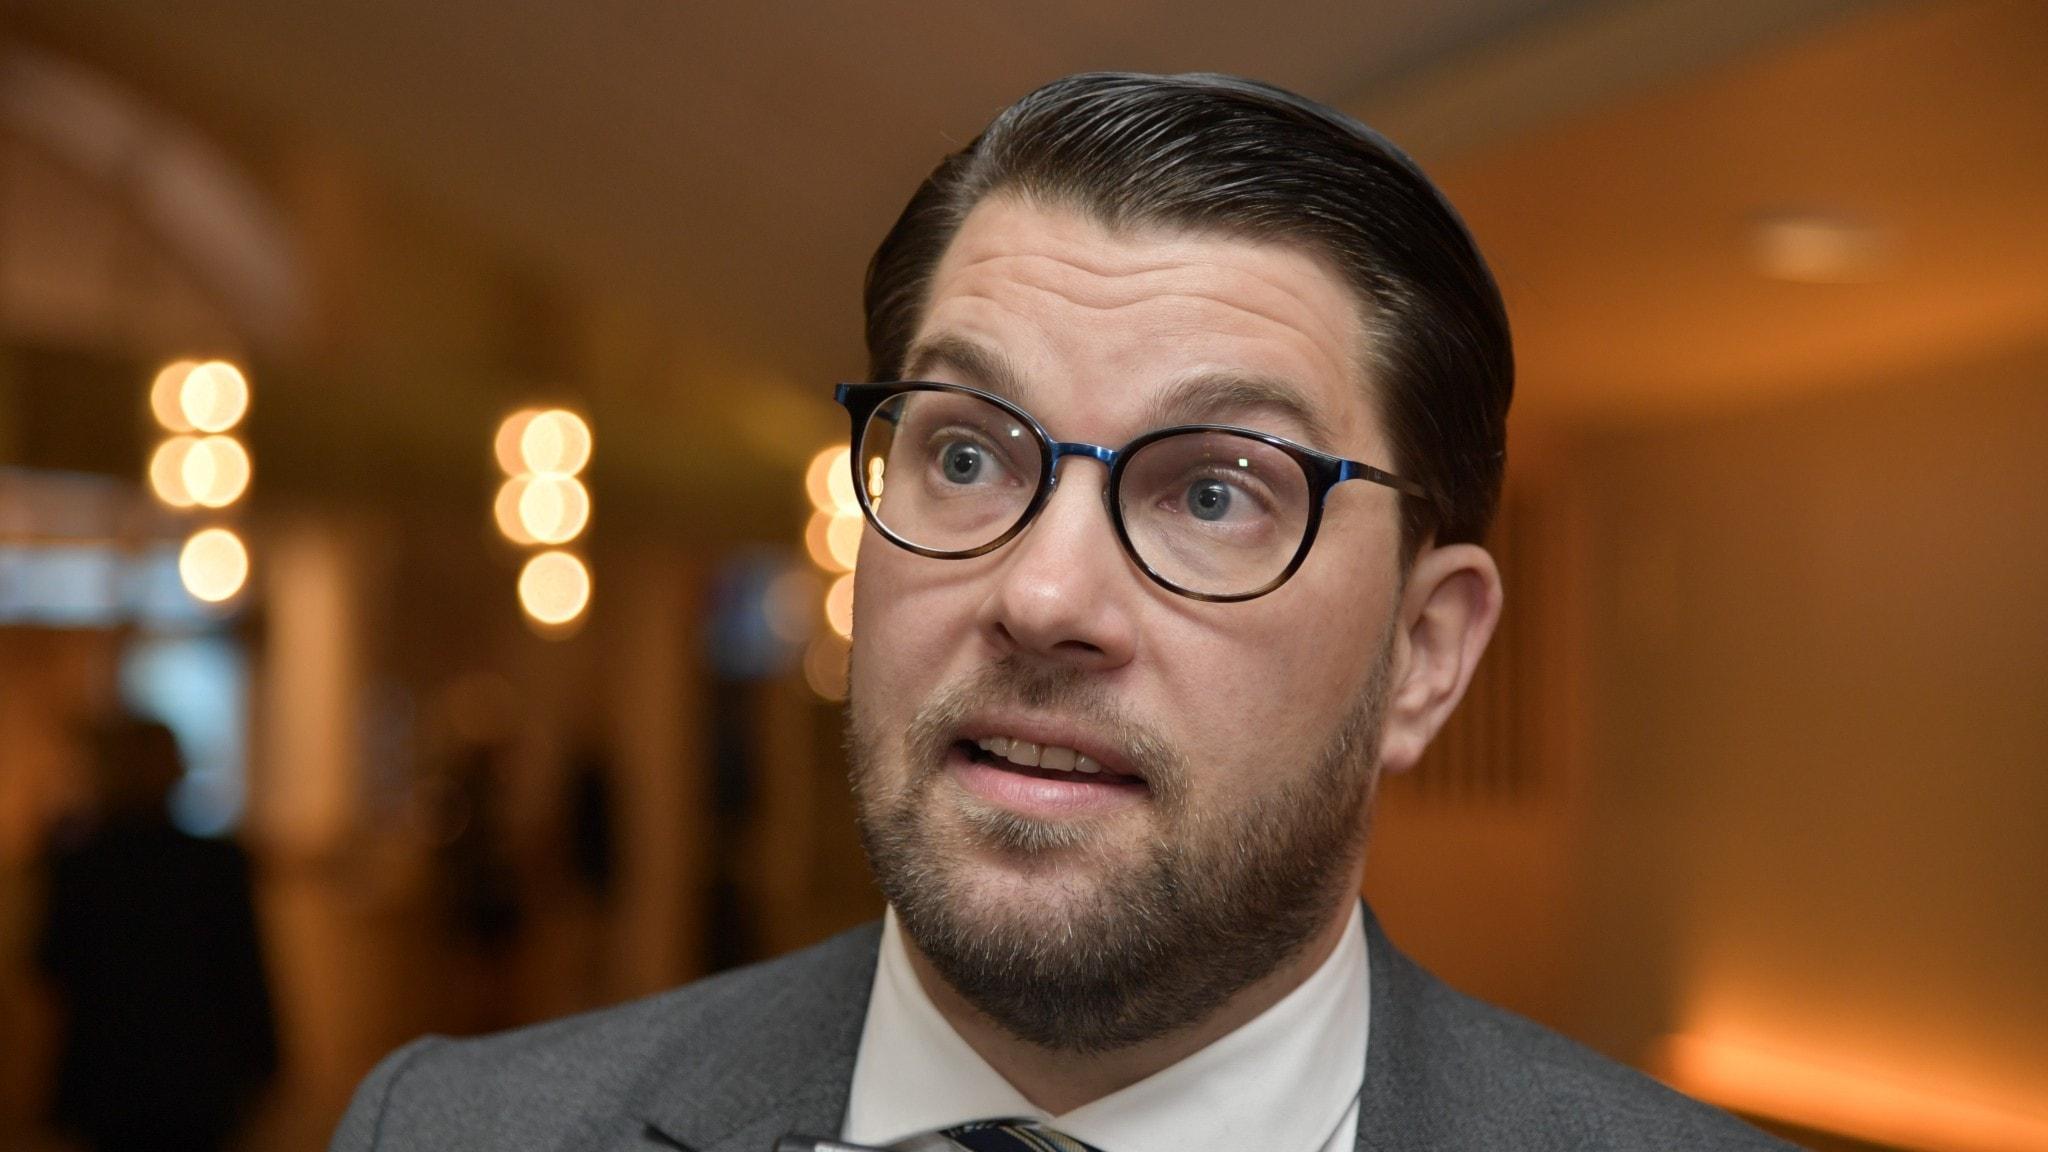 Hogaamiyaha xisbiga SD Jimmie Åkesson.